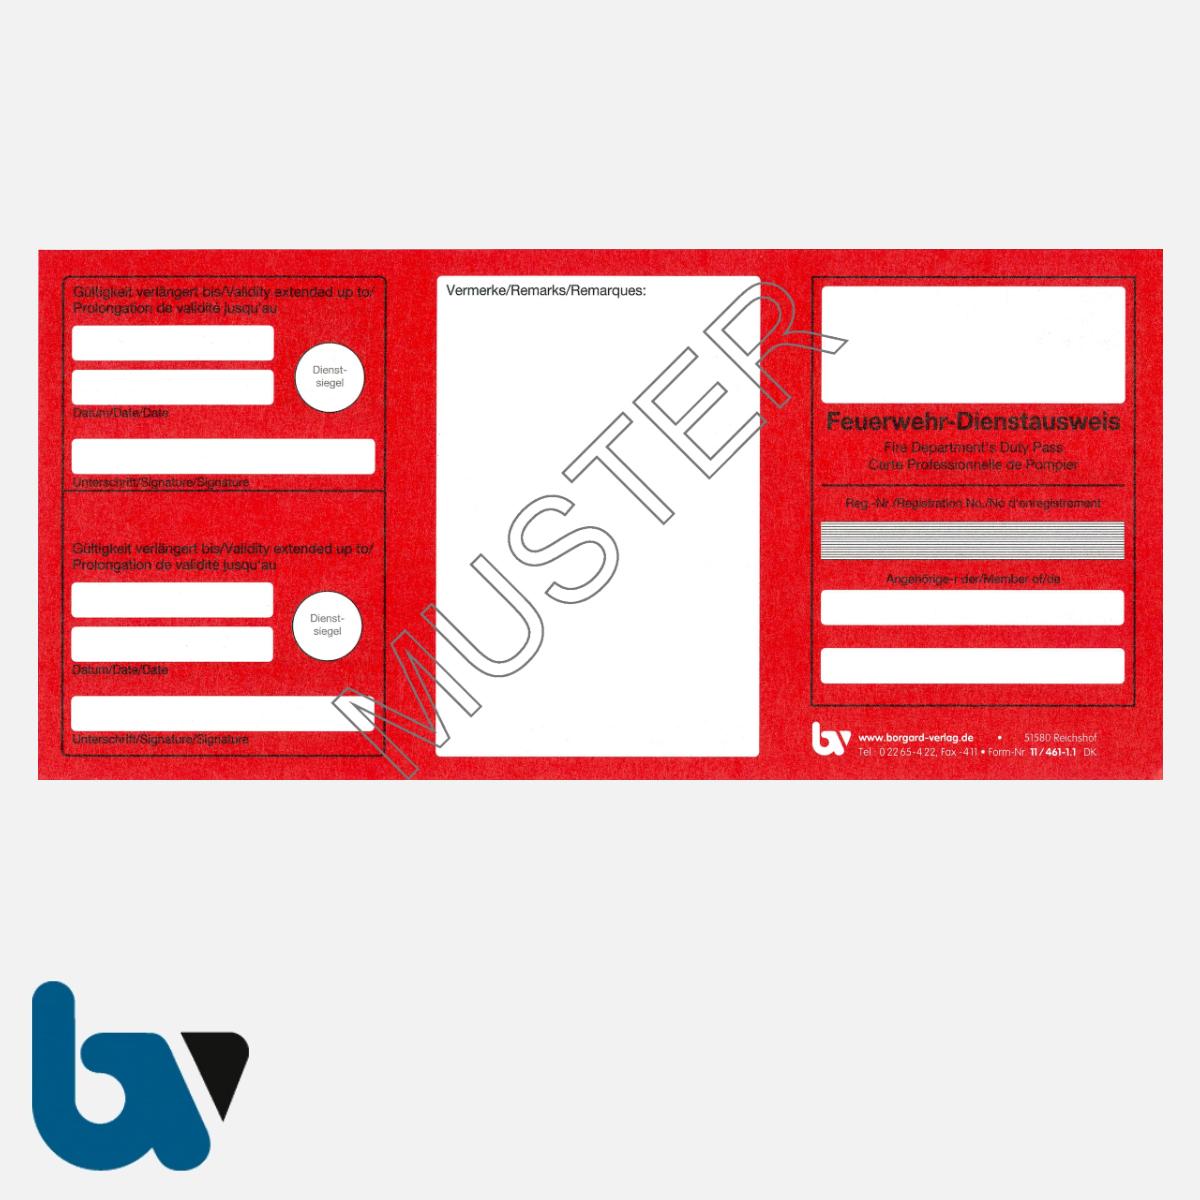 11/461-1.1 Dienstausweis Feuerwehr mehrsprachig rot weiß Neobond VS | Borgard Verlag GmbH